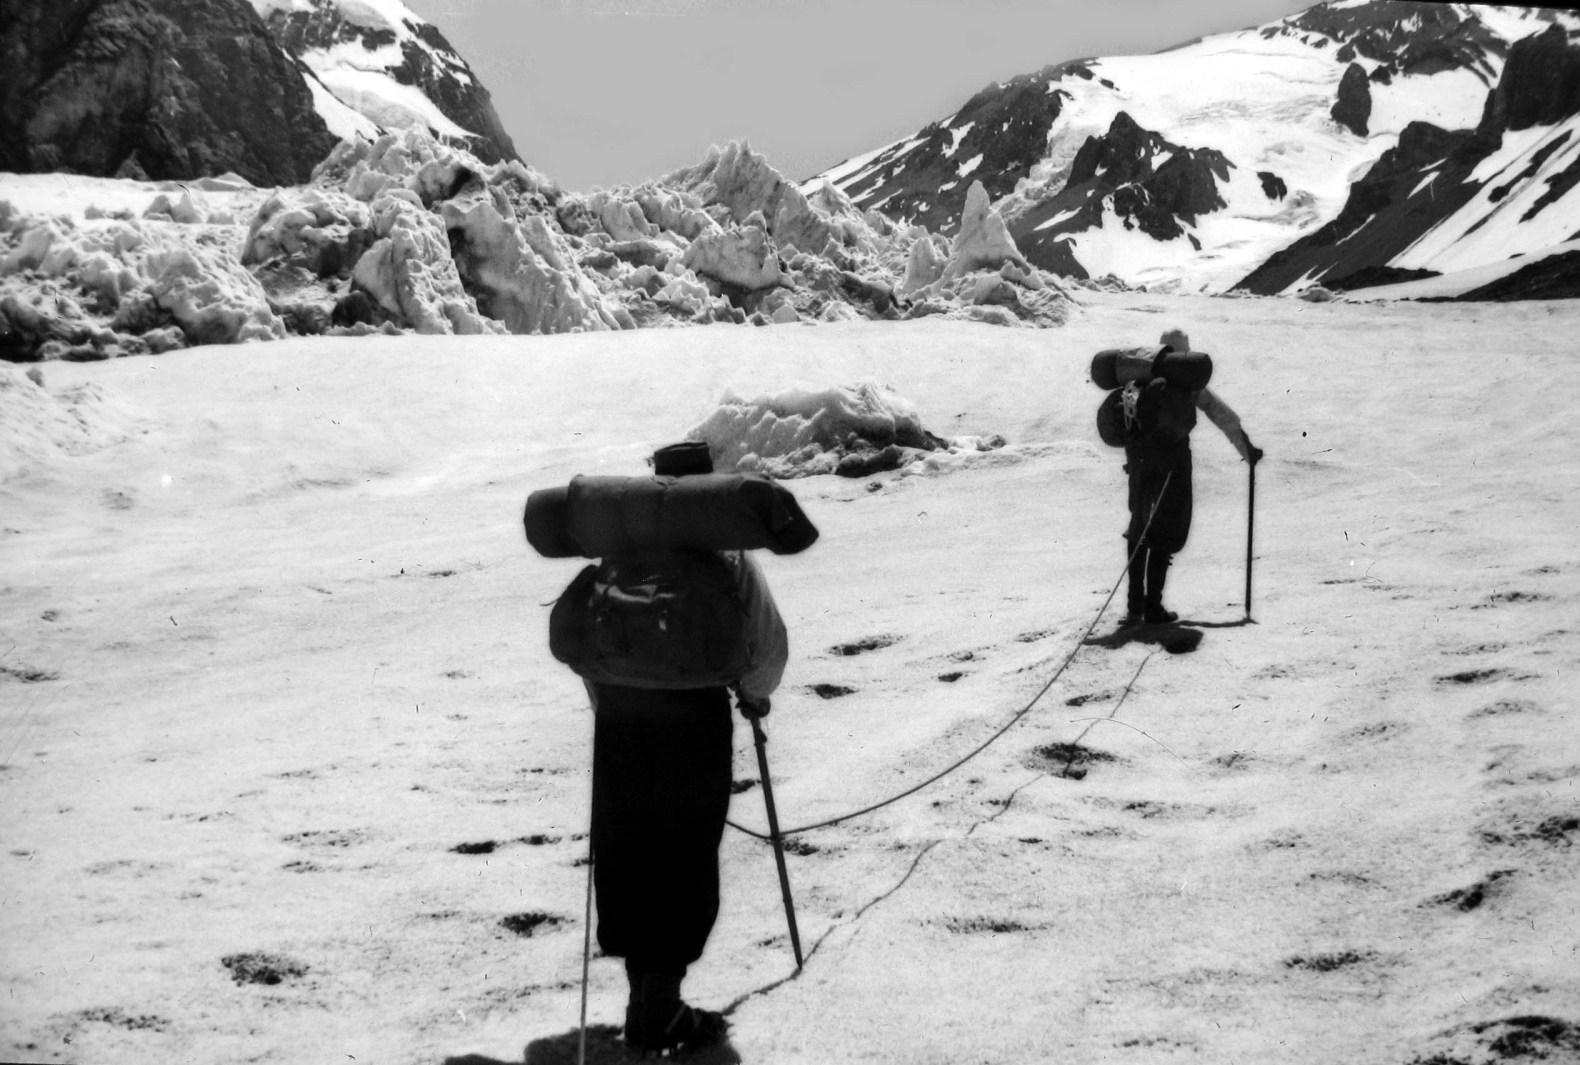 Primer Ascenso del Loma Larga (5450 m) – Traducción del artículo publicado en 1943